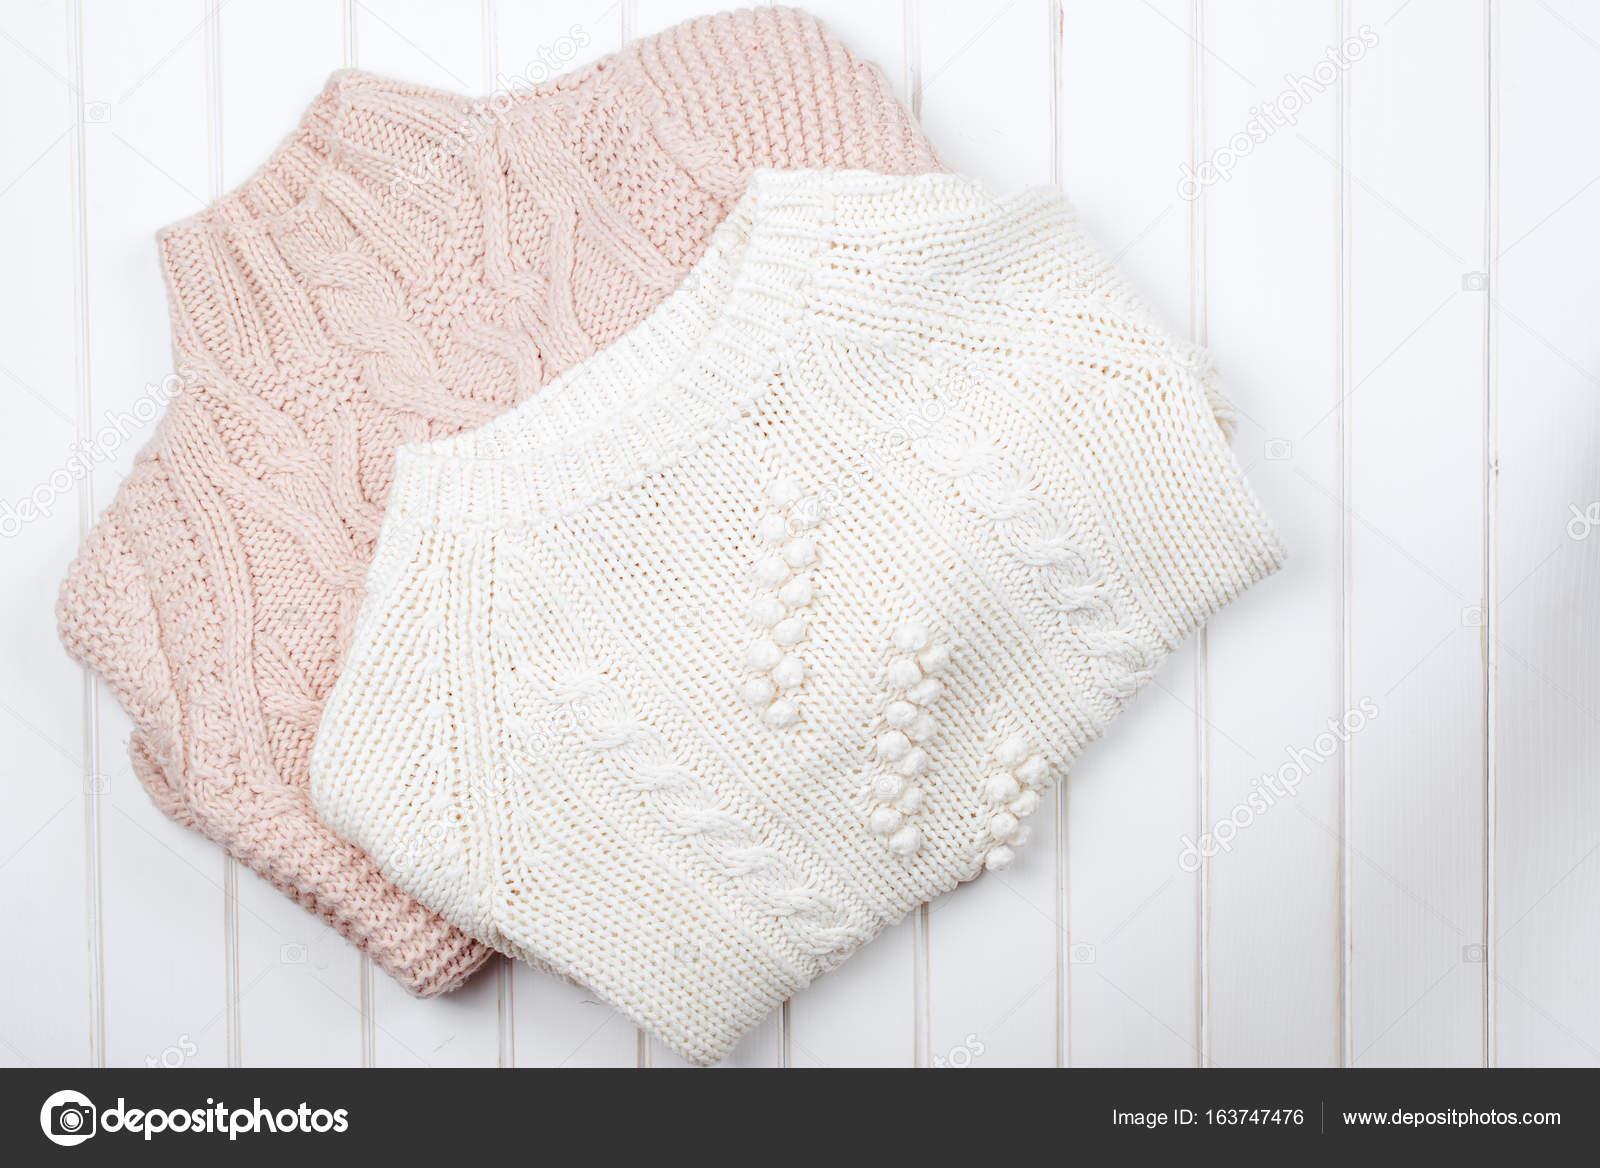 fb8ffd697b75 Δύο μοντέρνα πλεκτά πουλόβερ για το λευκό φόντο ξύλινη — Εικόνα από ...